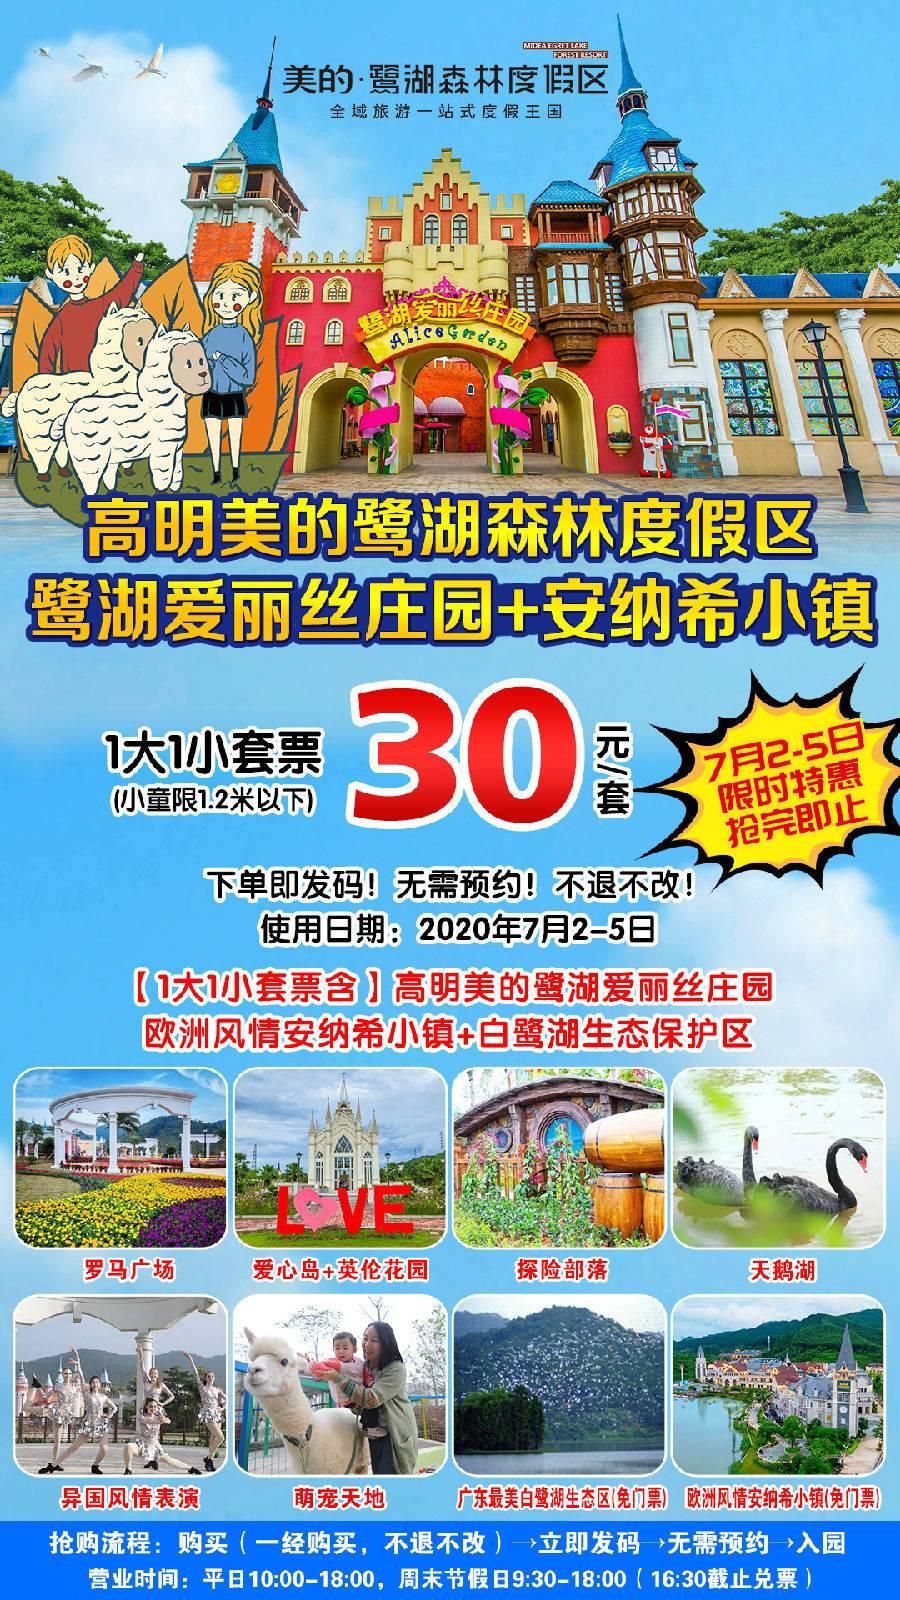 【会员日特惠】高明美的鹭湖爱丽丝庄园~1大1小(1.2米以下)套票30元预售(B产品,2020年7月2-5日前)